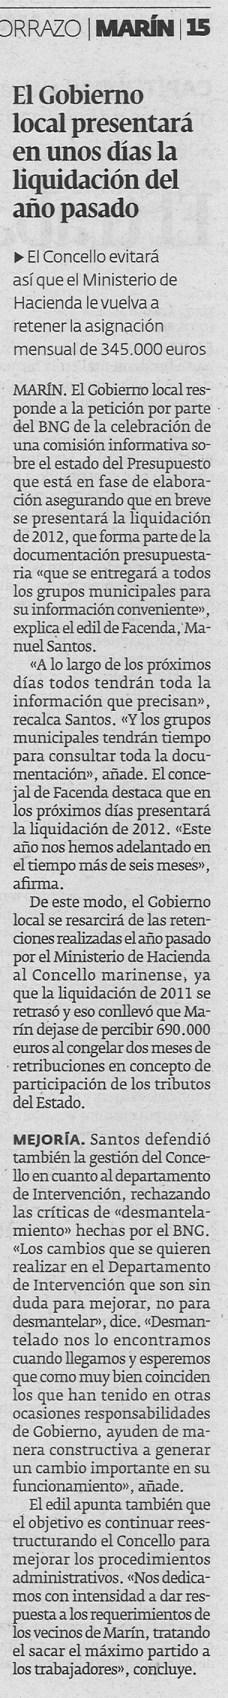 Diario, 13 de xuño de 2013.